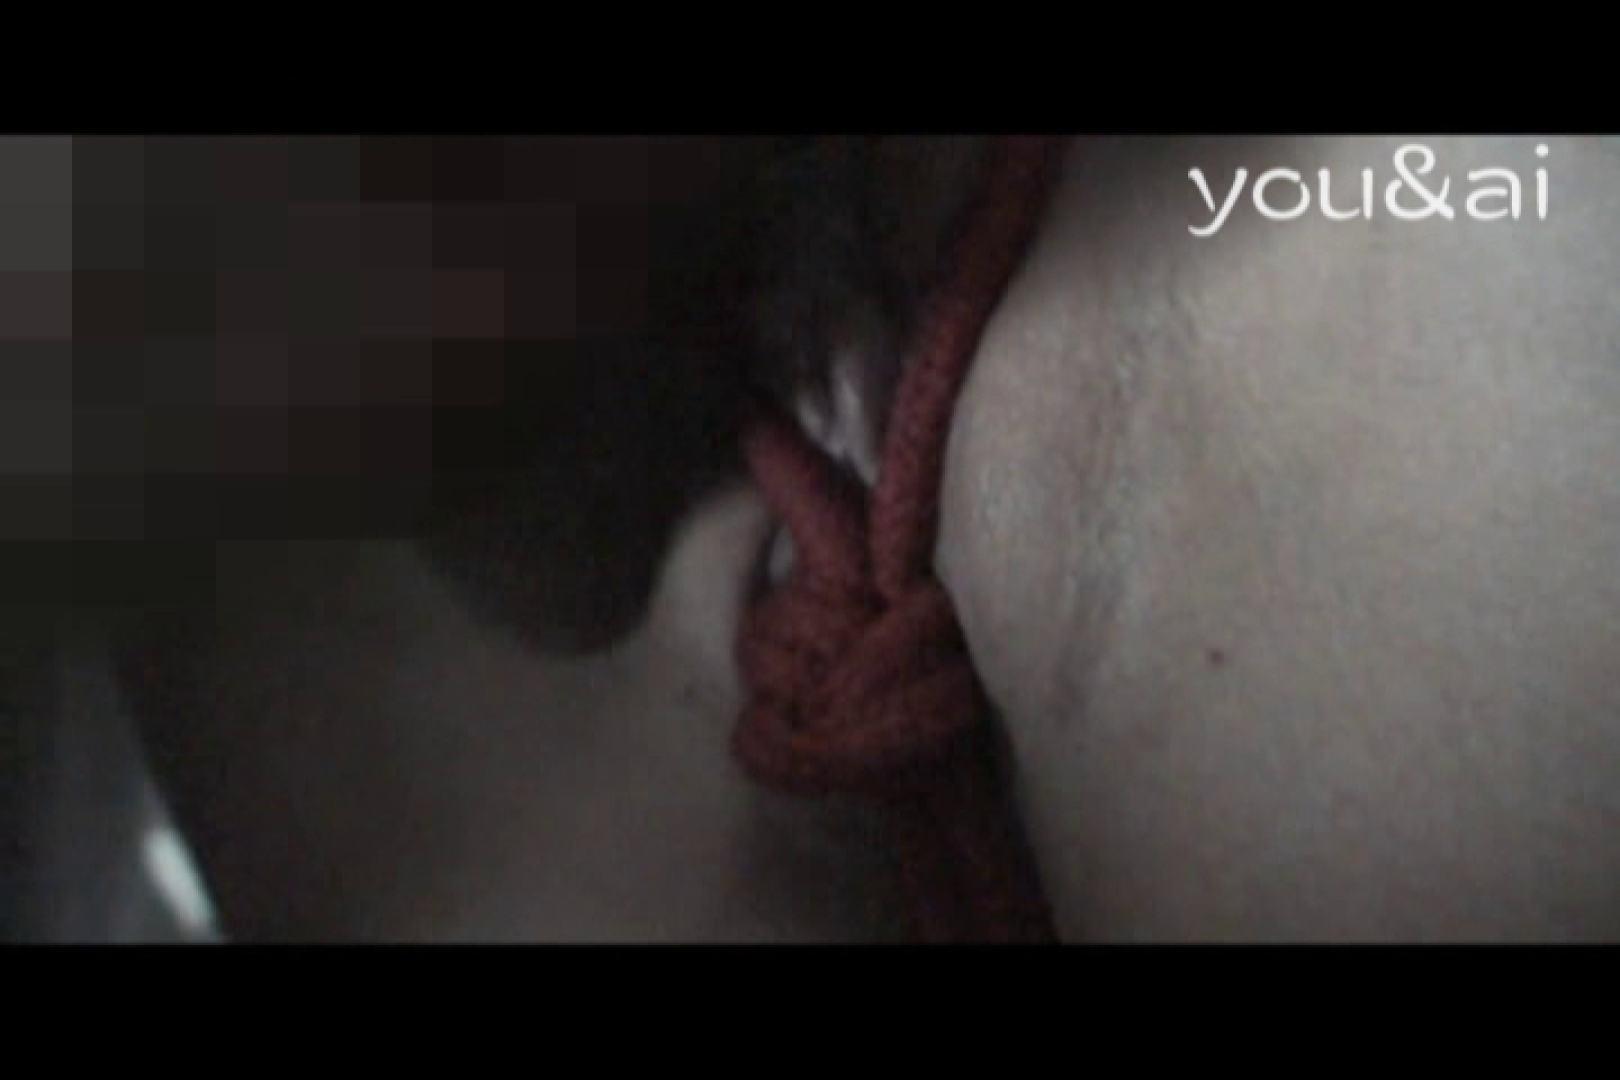 おしどり夫婦のyou&aiさん投稿作品vol.4 綺麗なOLたち ワレメ動画紹介 104枚 23